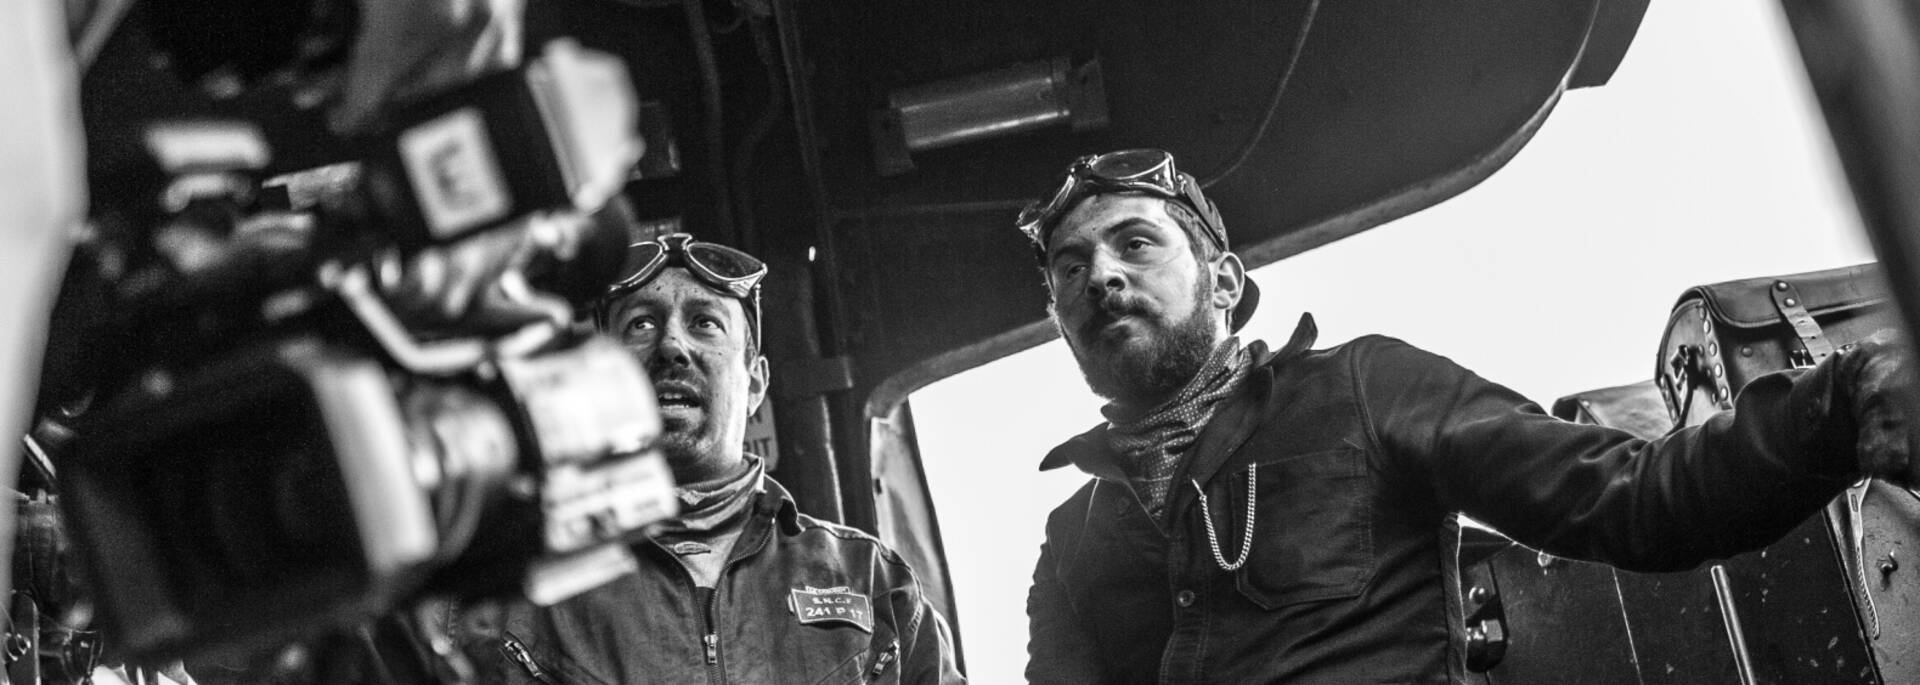 Aux commandes de la 241 P 17, Le Creusot. © Chemins de Fer du Creusot.